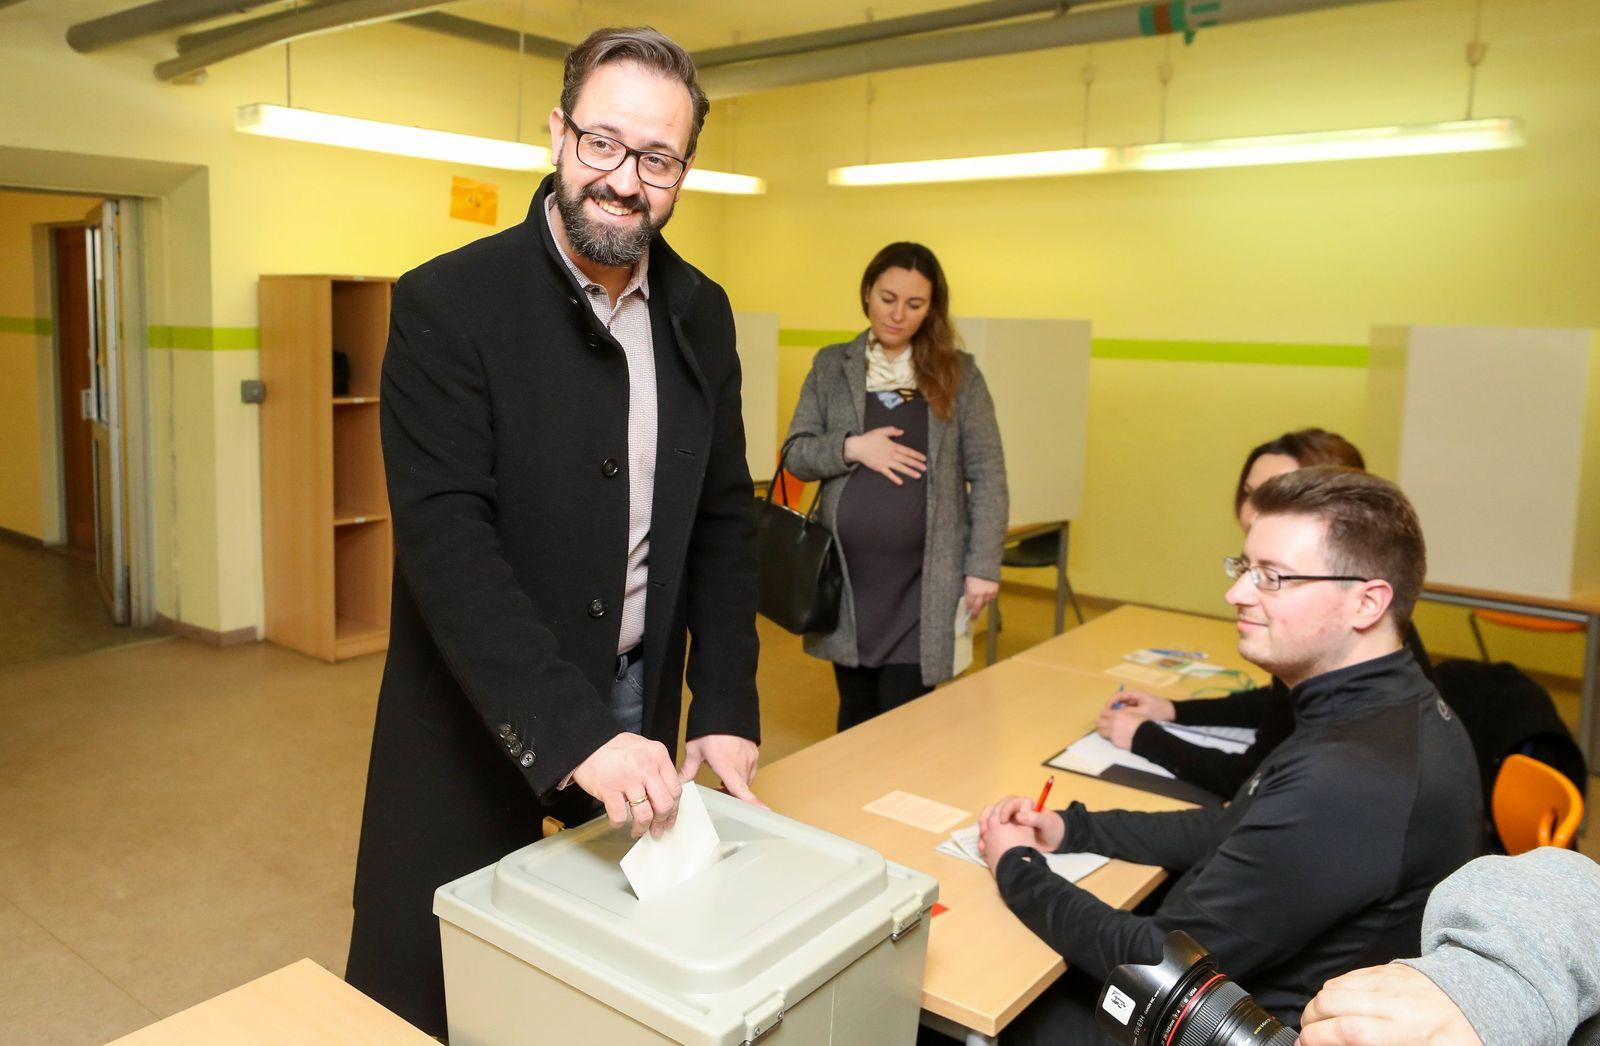 Leipziger wählen neuen Oberbürgermeister